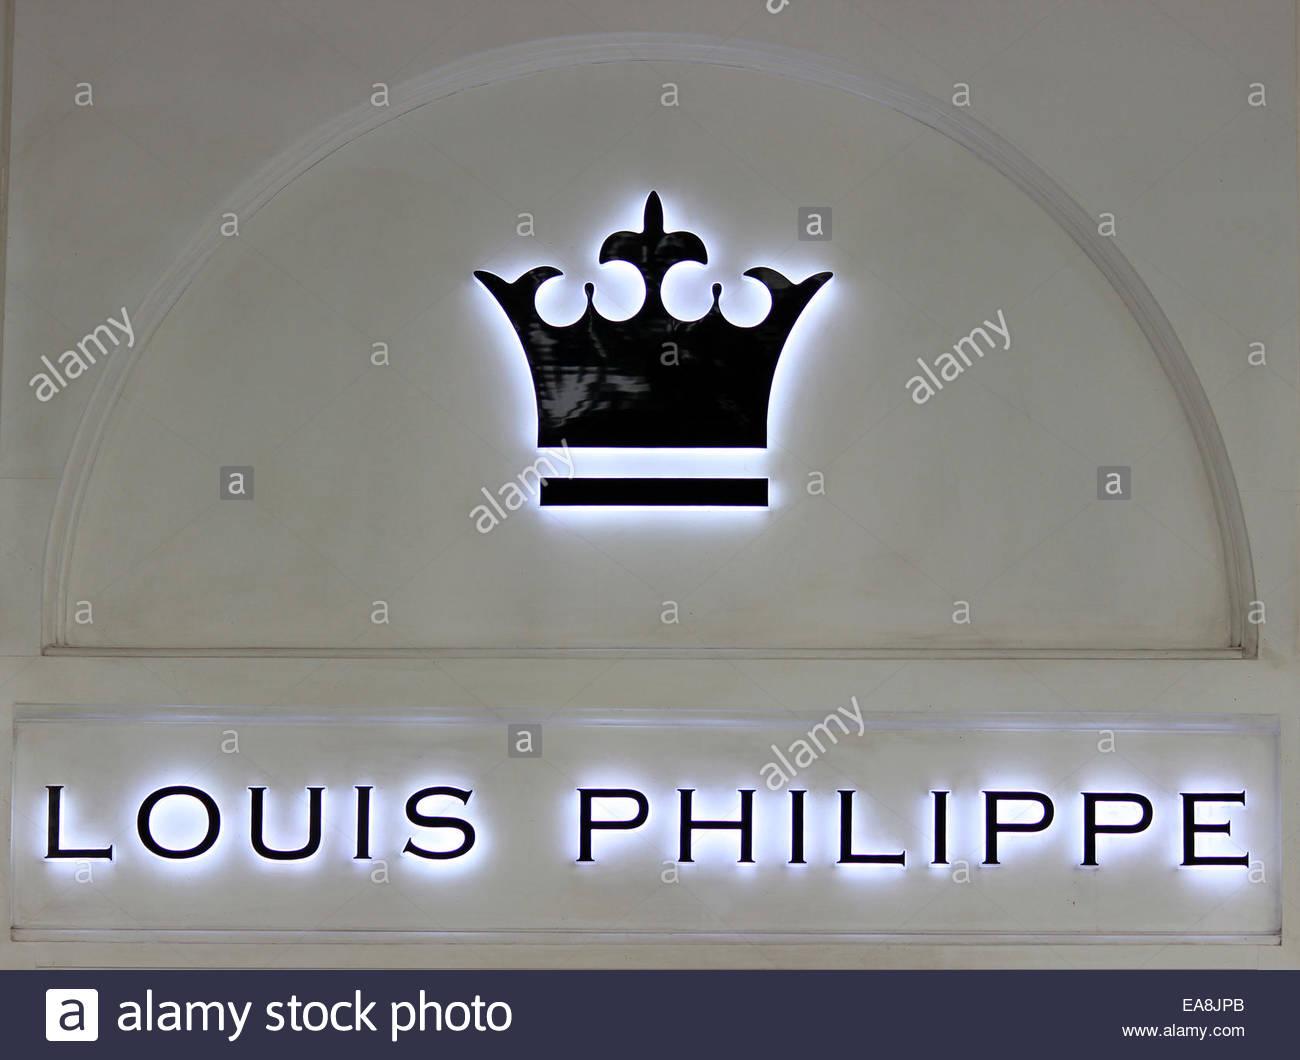 Louis philippe logo clipart clip transparent download Louis philippe Logos clip transparent download